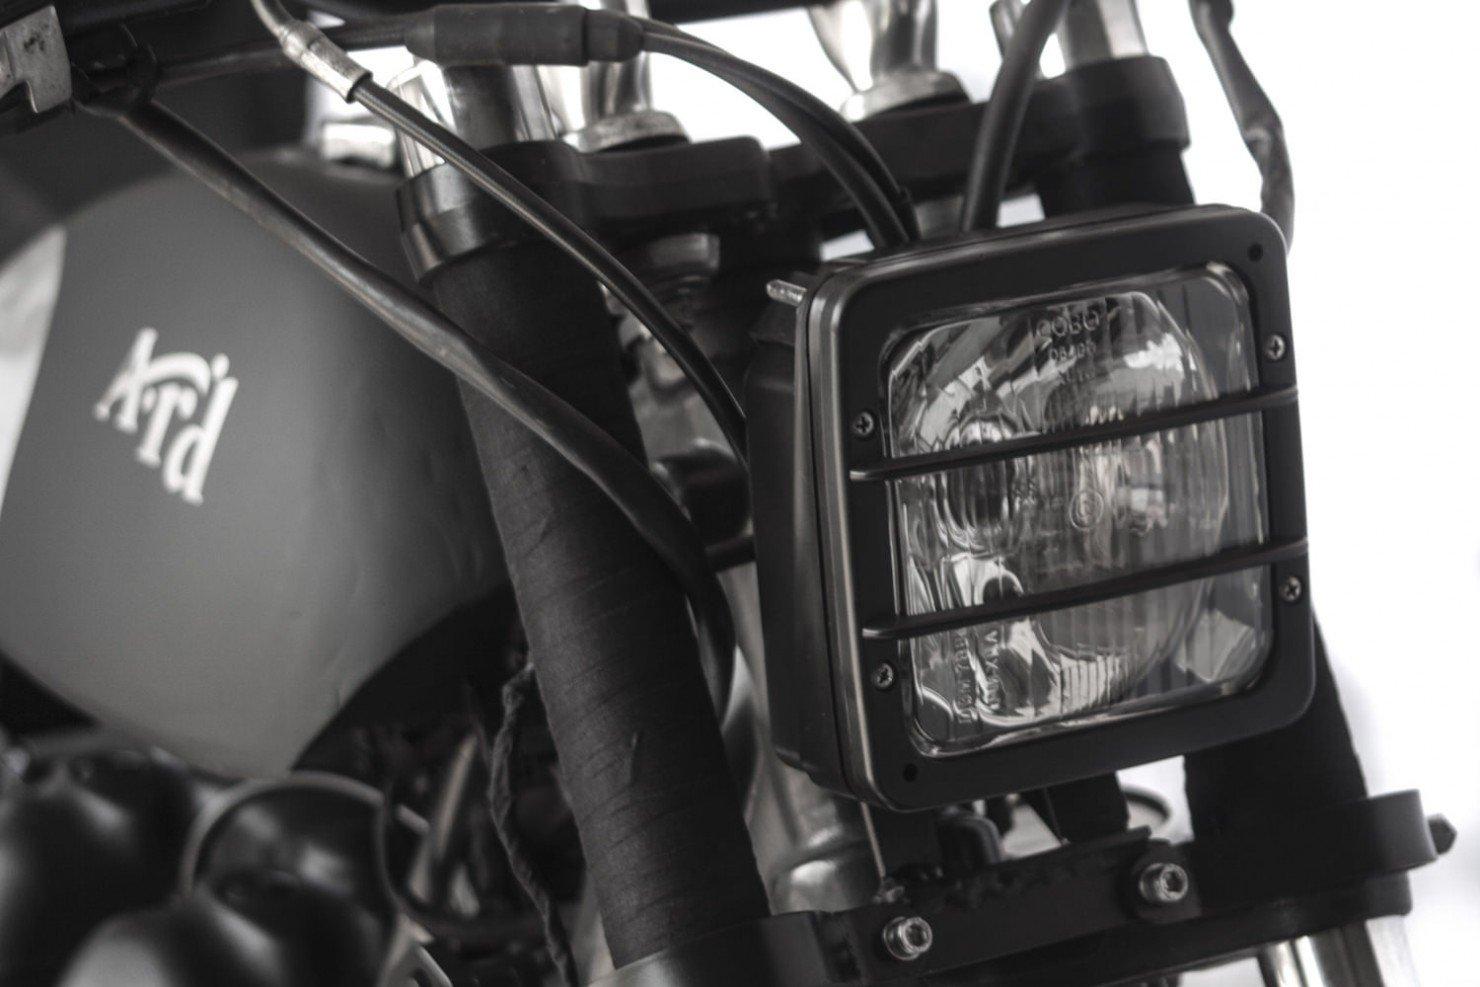 Triumph-Scrambler-Motorbike-12